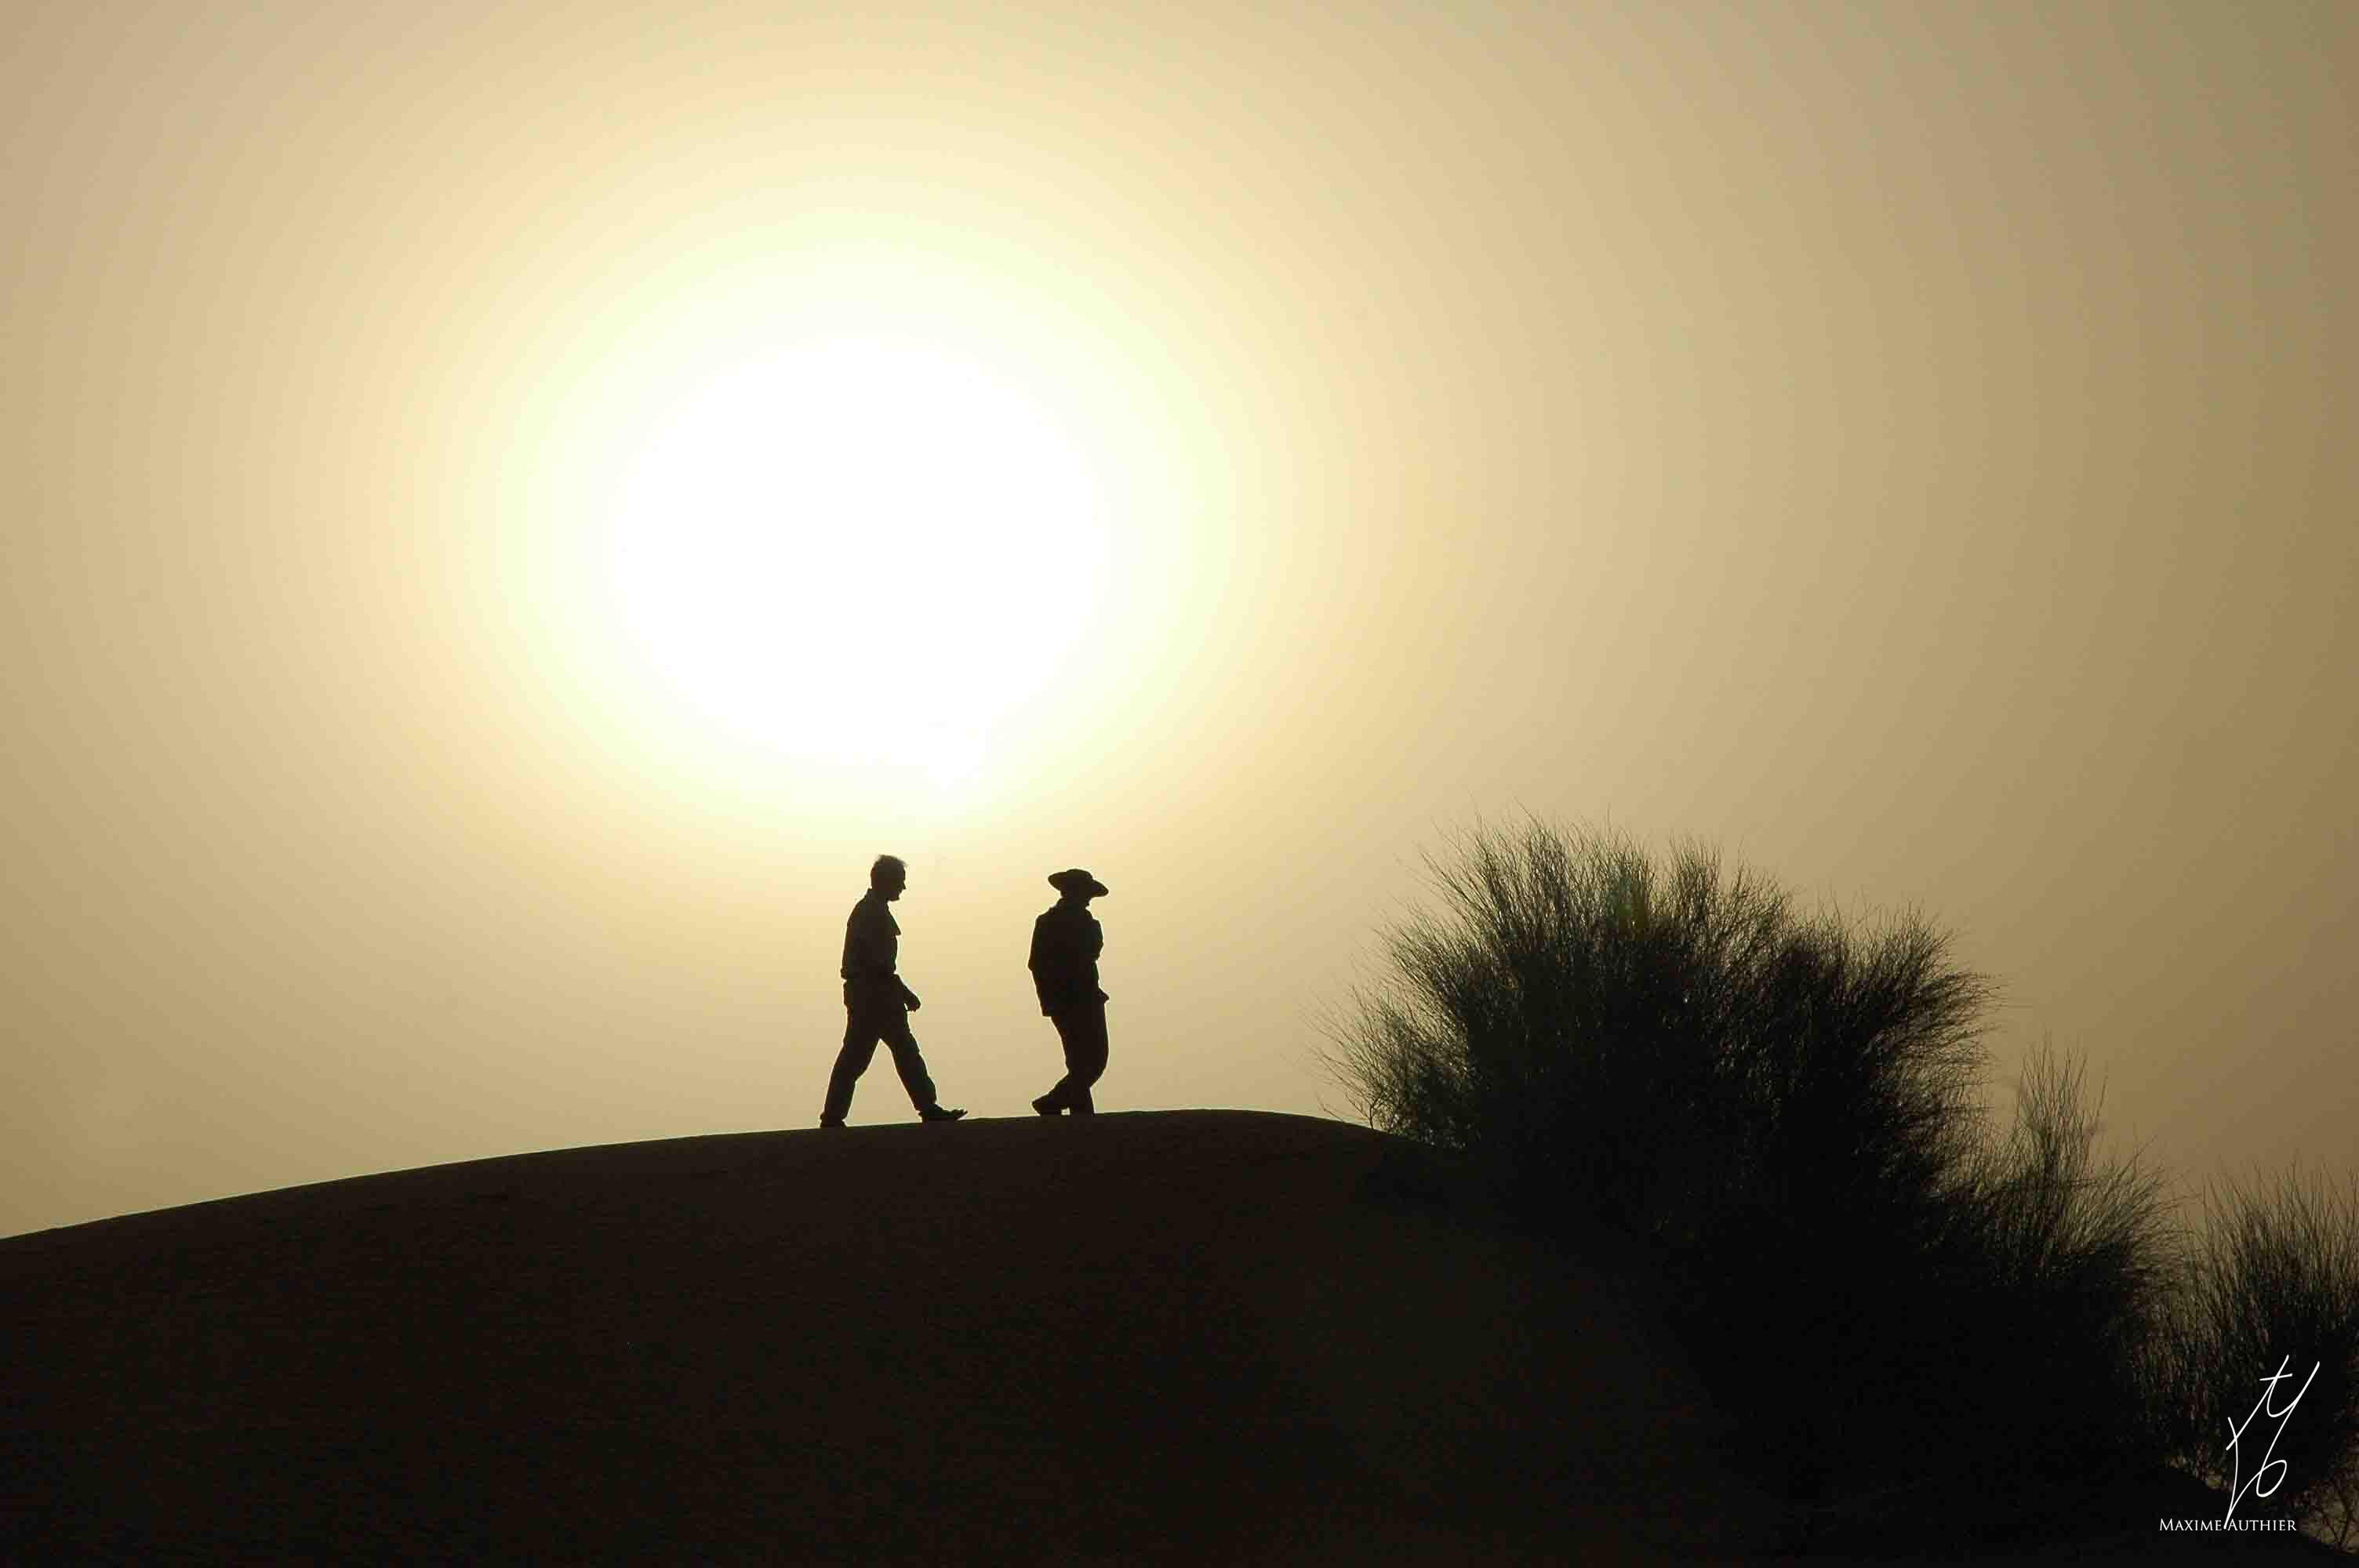 Photographie d'un coucher de soleil sur le Sahara. Photo prise au Mali en Afrique.